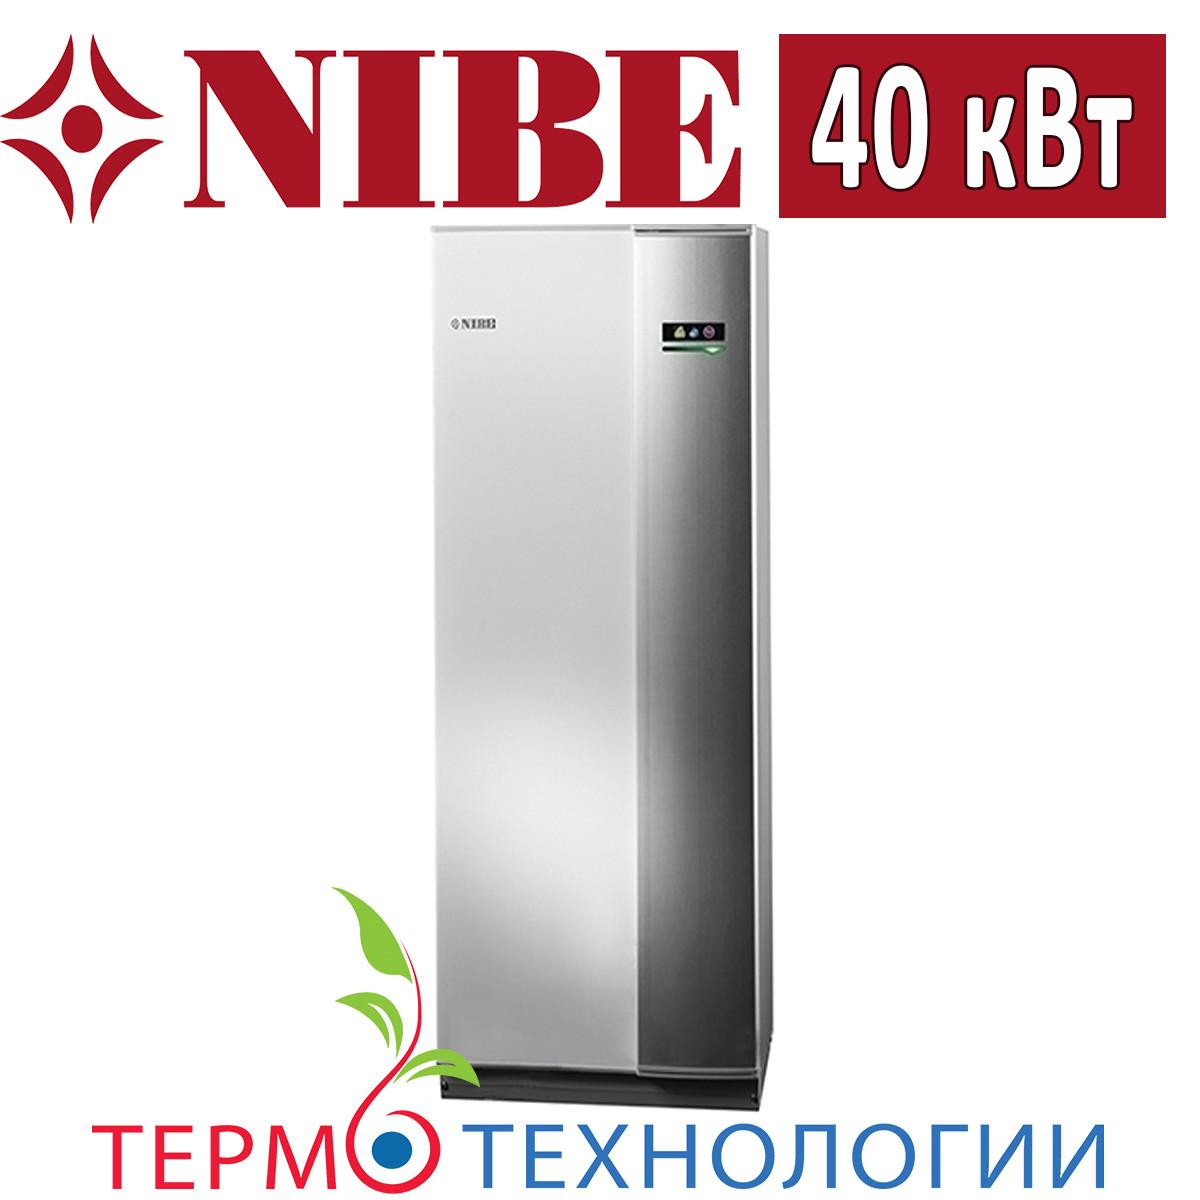 Тепловой насос грунт-вода Nibe F1345 40 кВт, ecxl